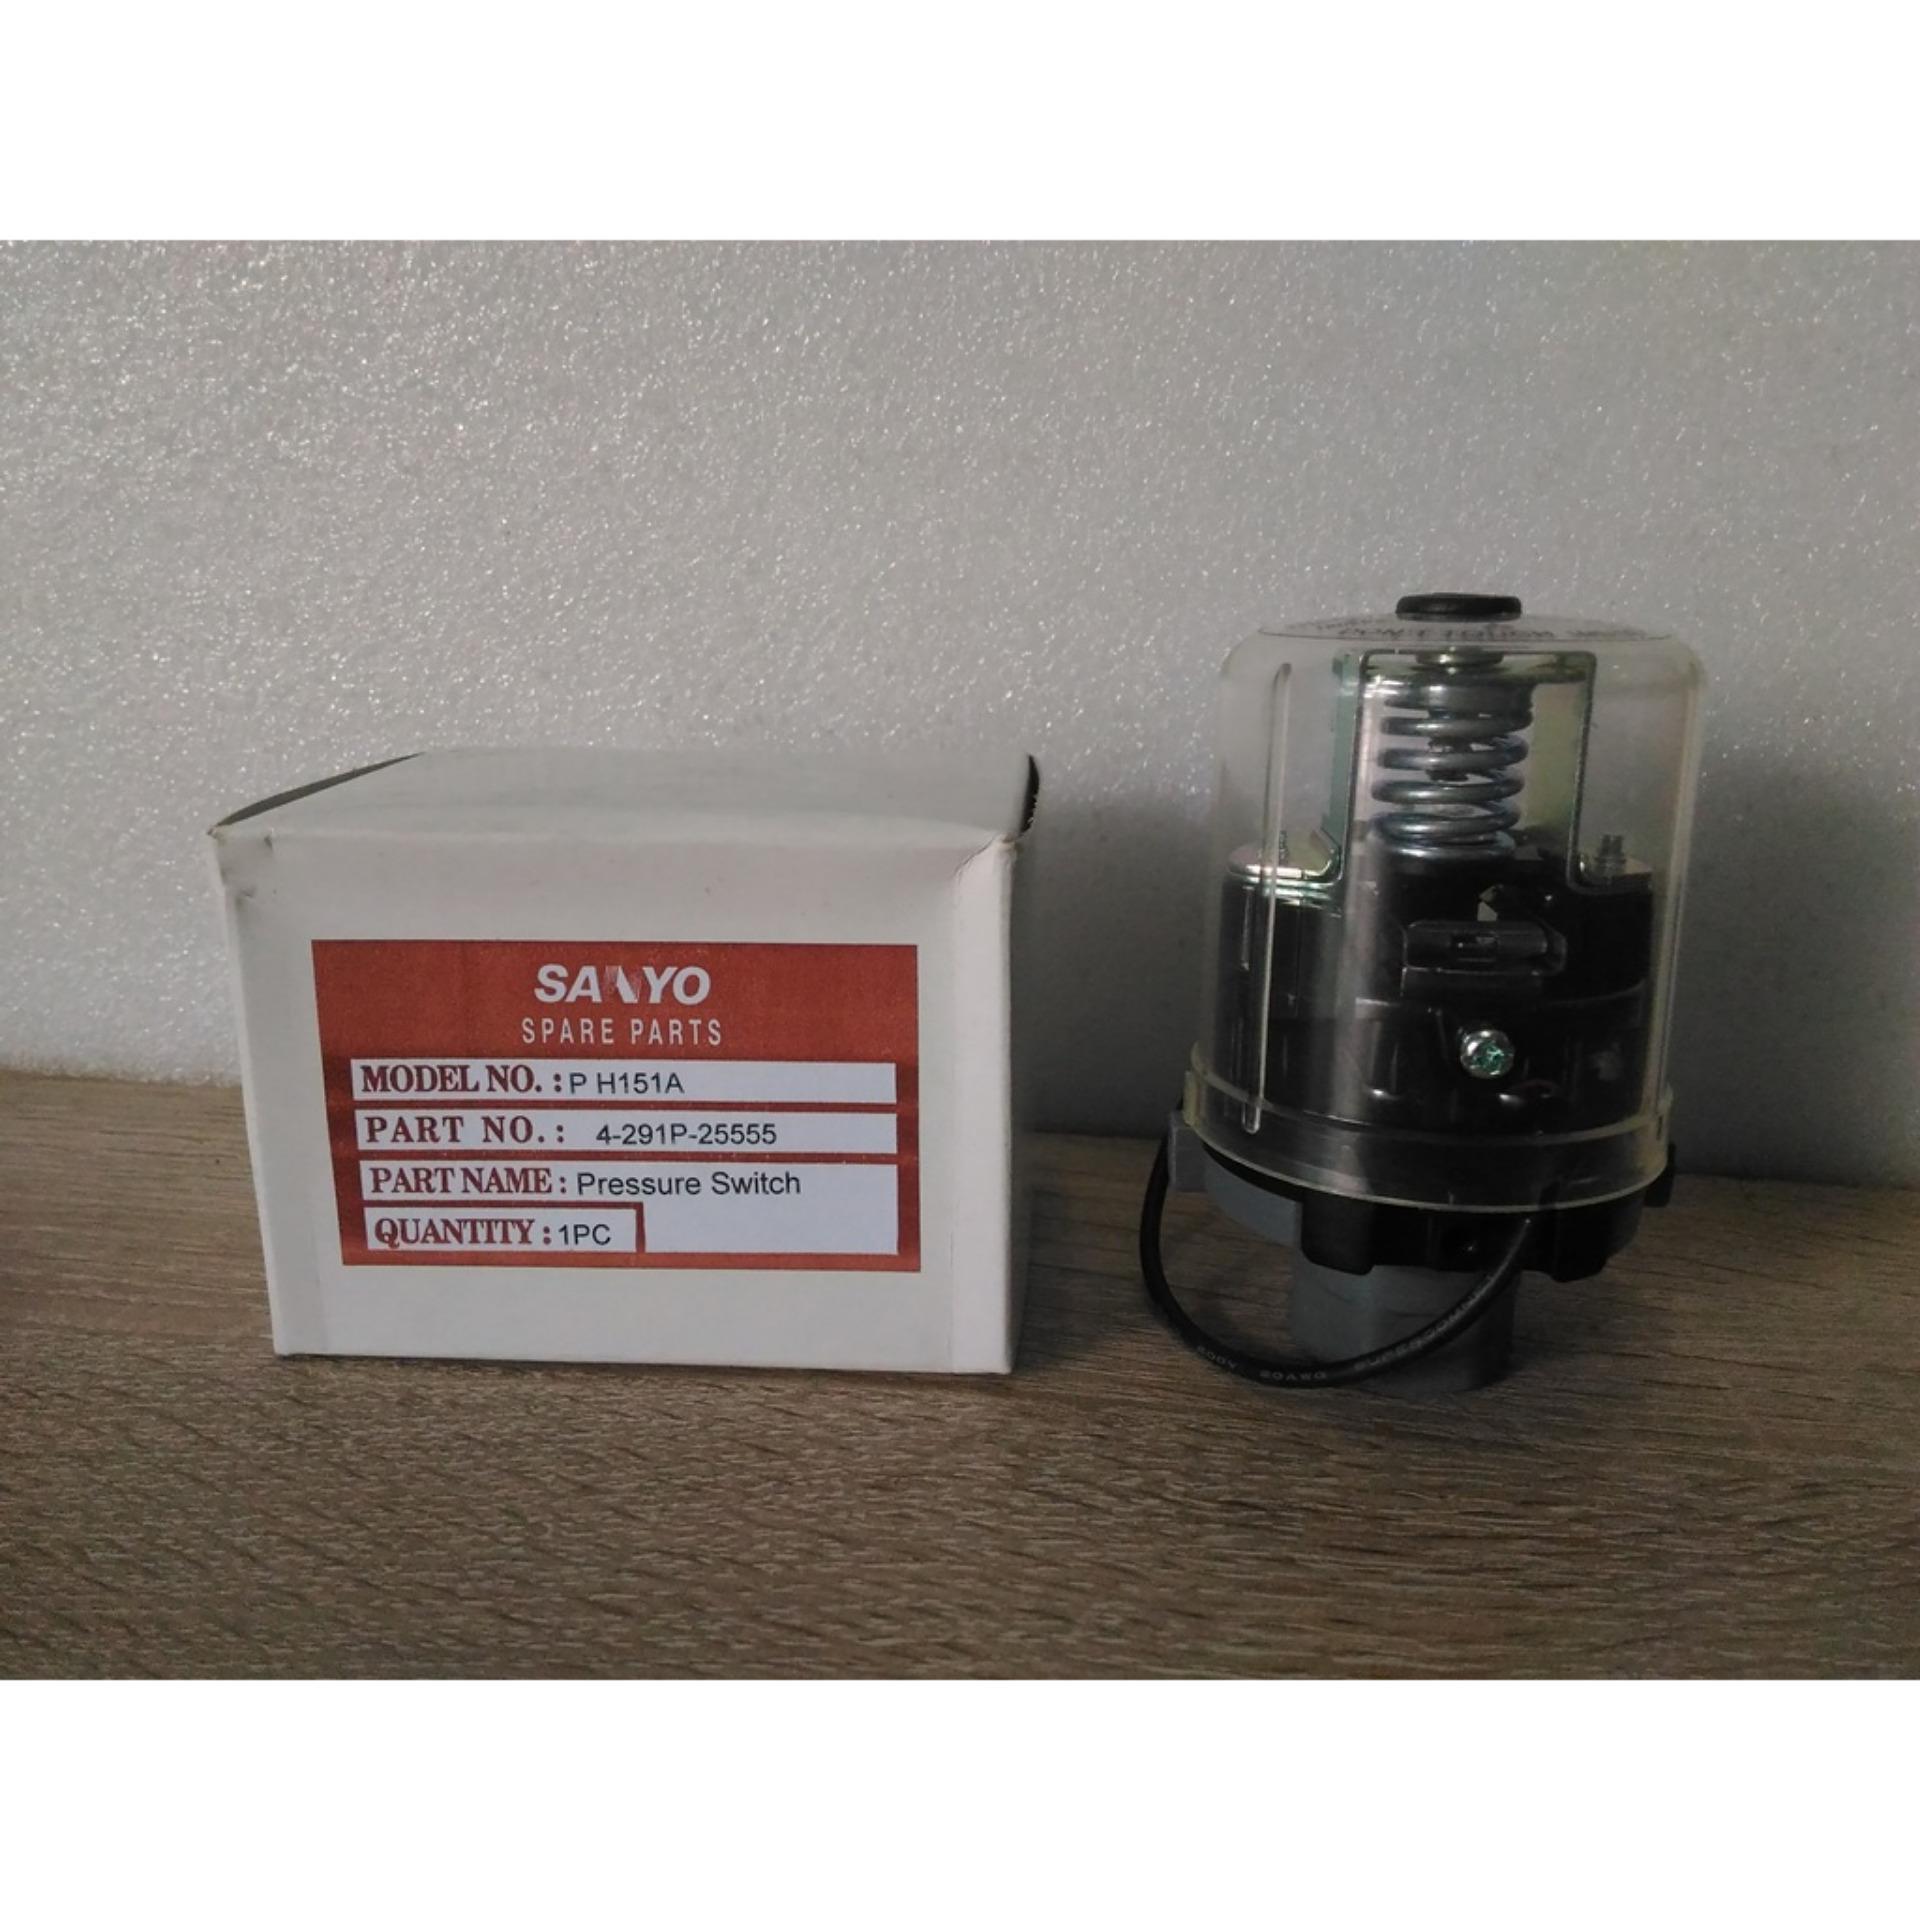 Harga Terjangkau Pressure Switch Otomatis Pompa Air Sanyo Ph151a 150 Toko Kebutuhan Rumah Tangga Murah Terlengkap Dan Terpercaya